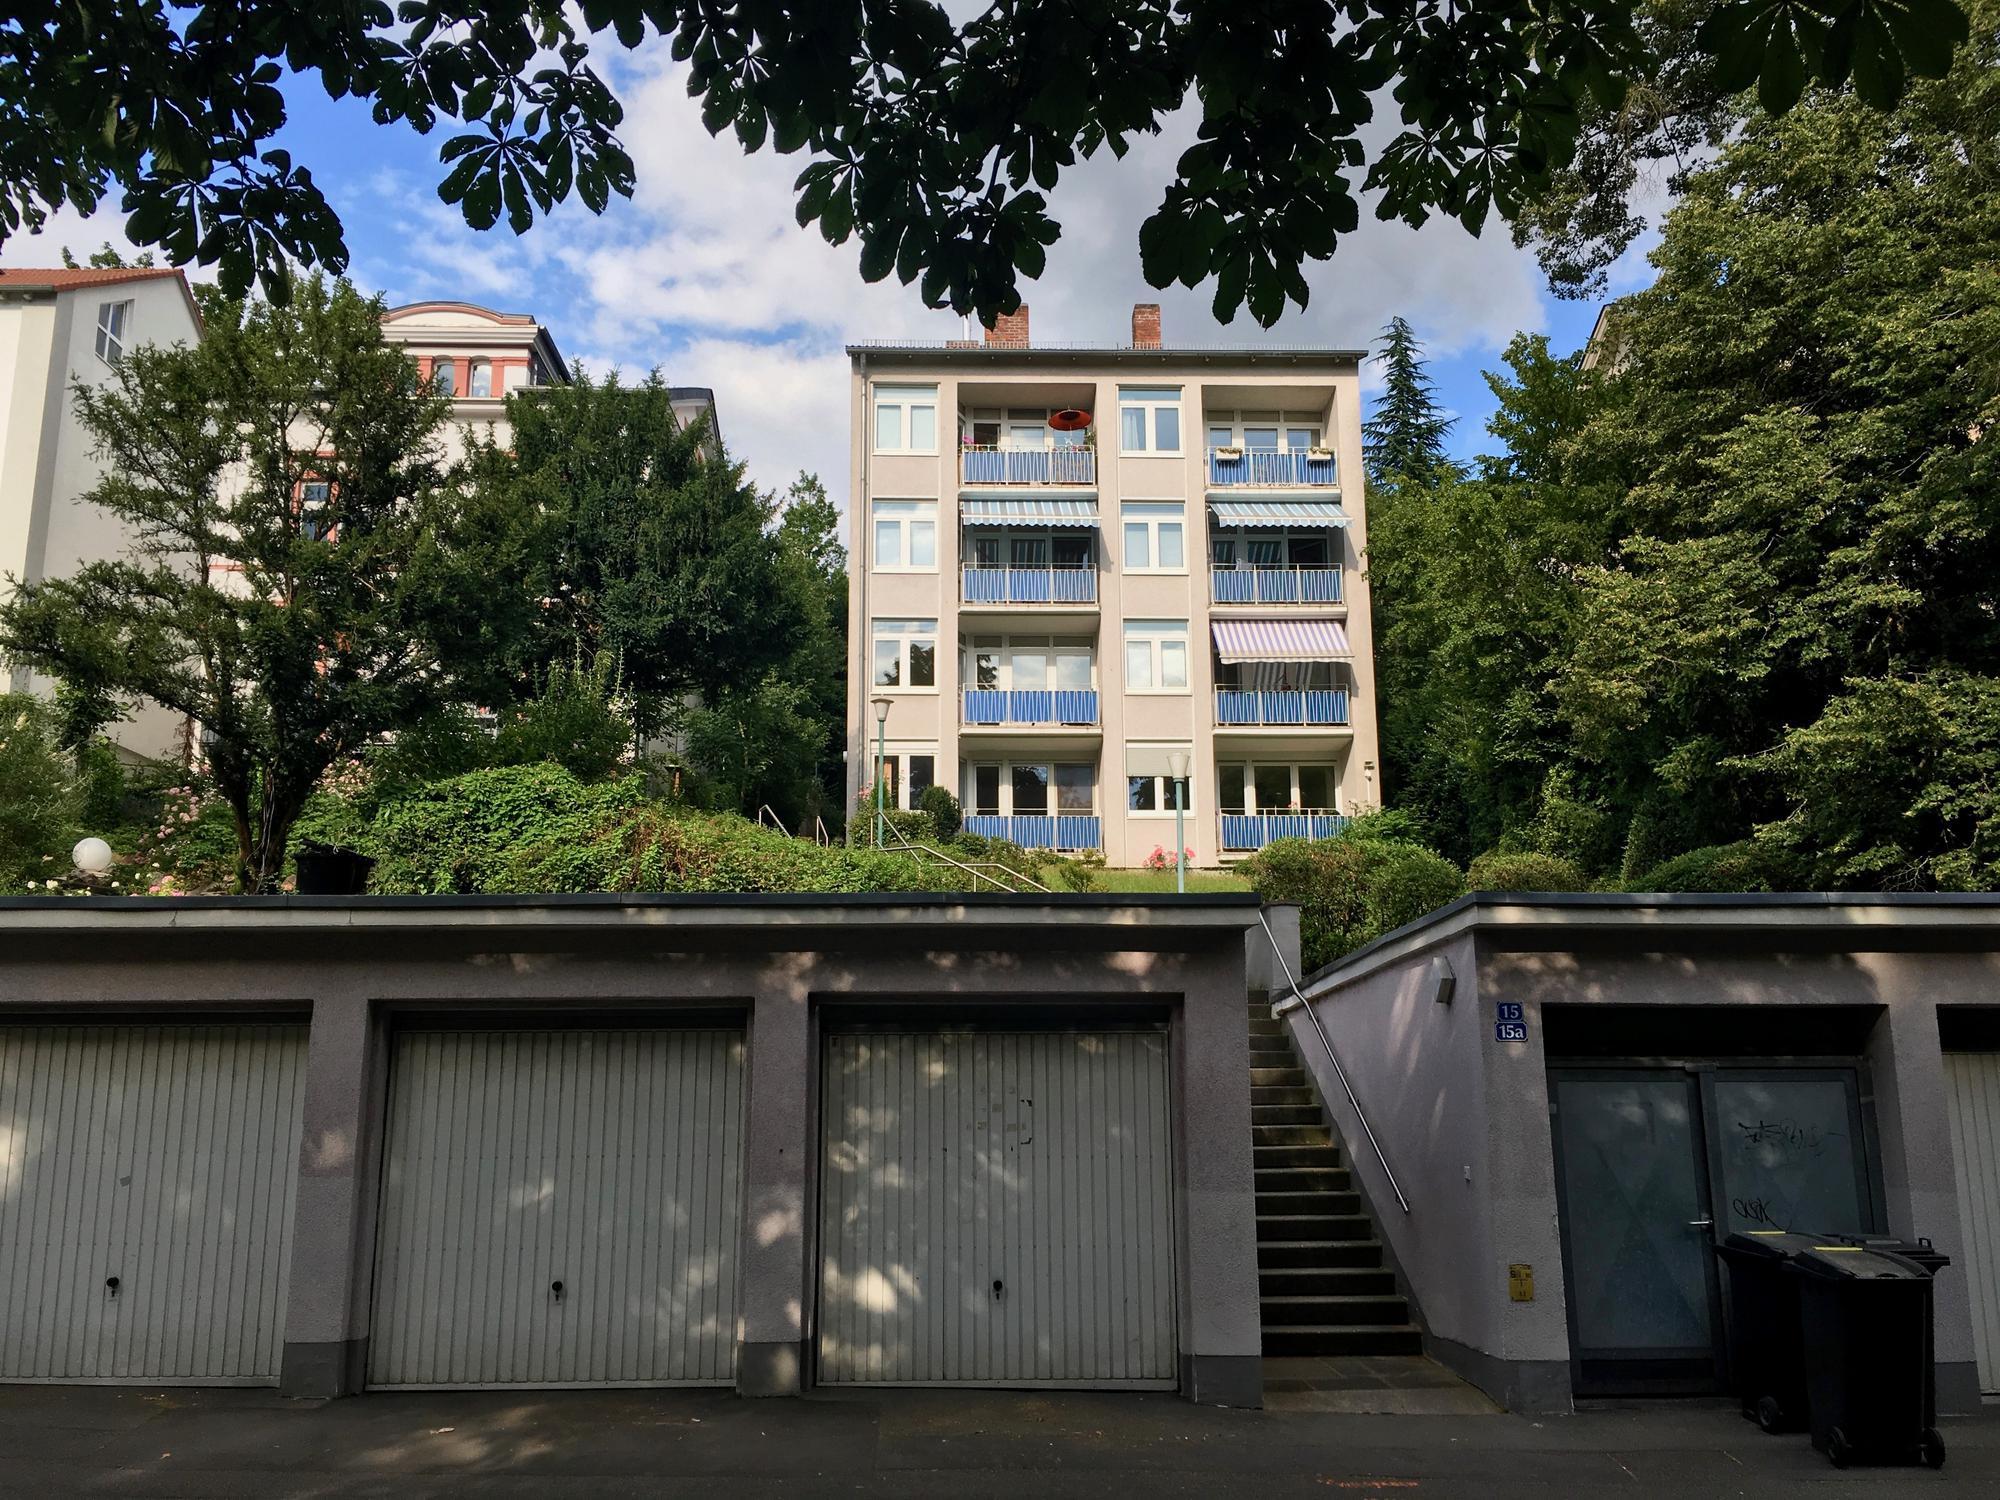 🇩🇪 Wiesbaden, Germany, july 2016.